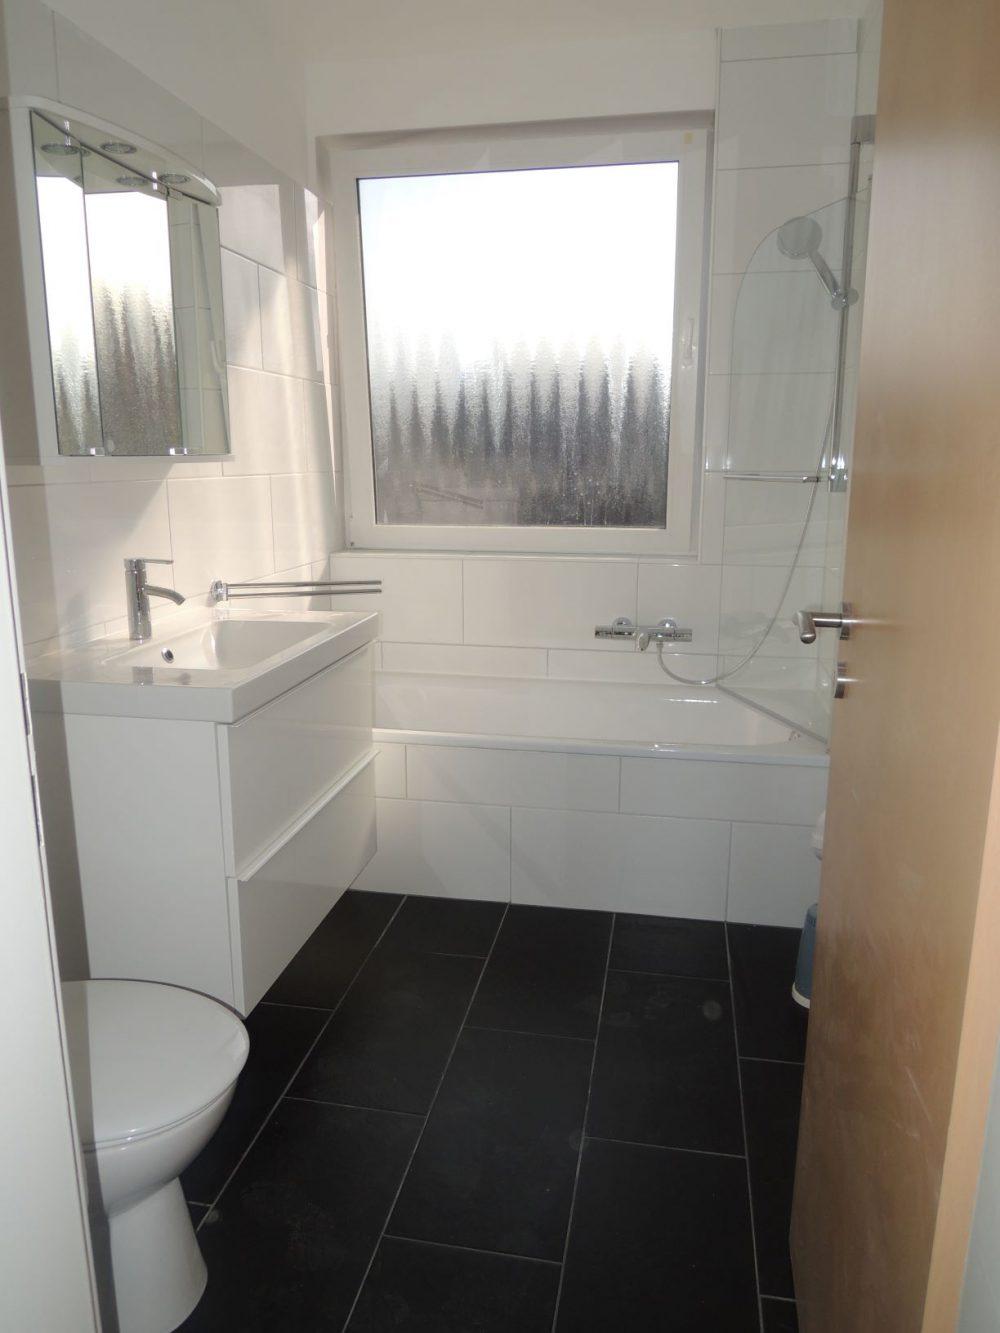 Obergeschosswohnung-mit-optimaler-Raumaufteilung-Bad